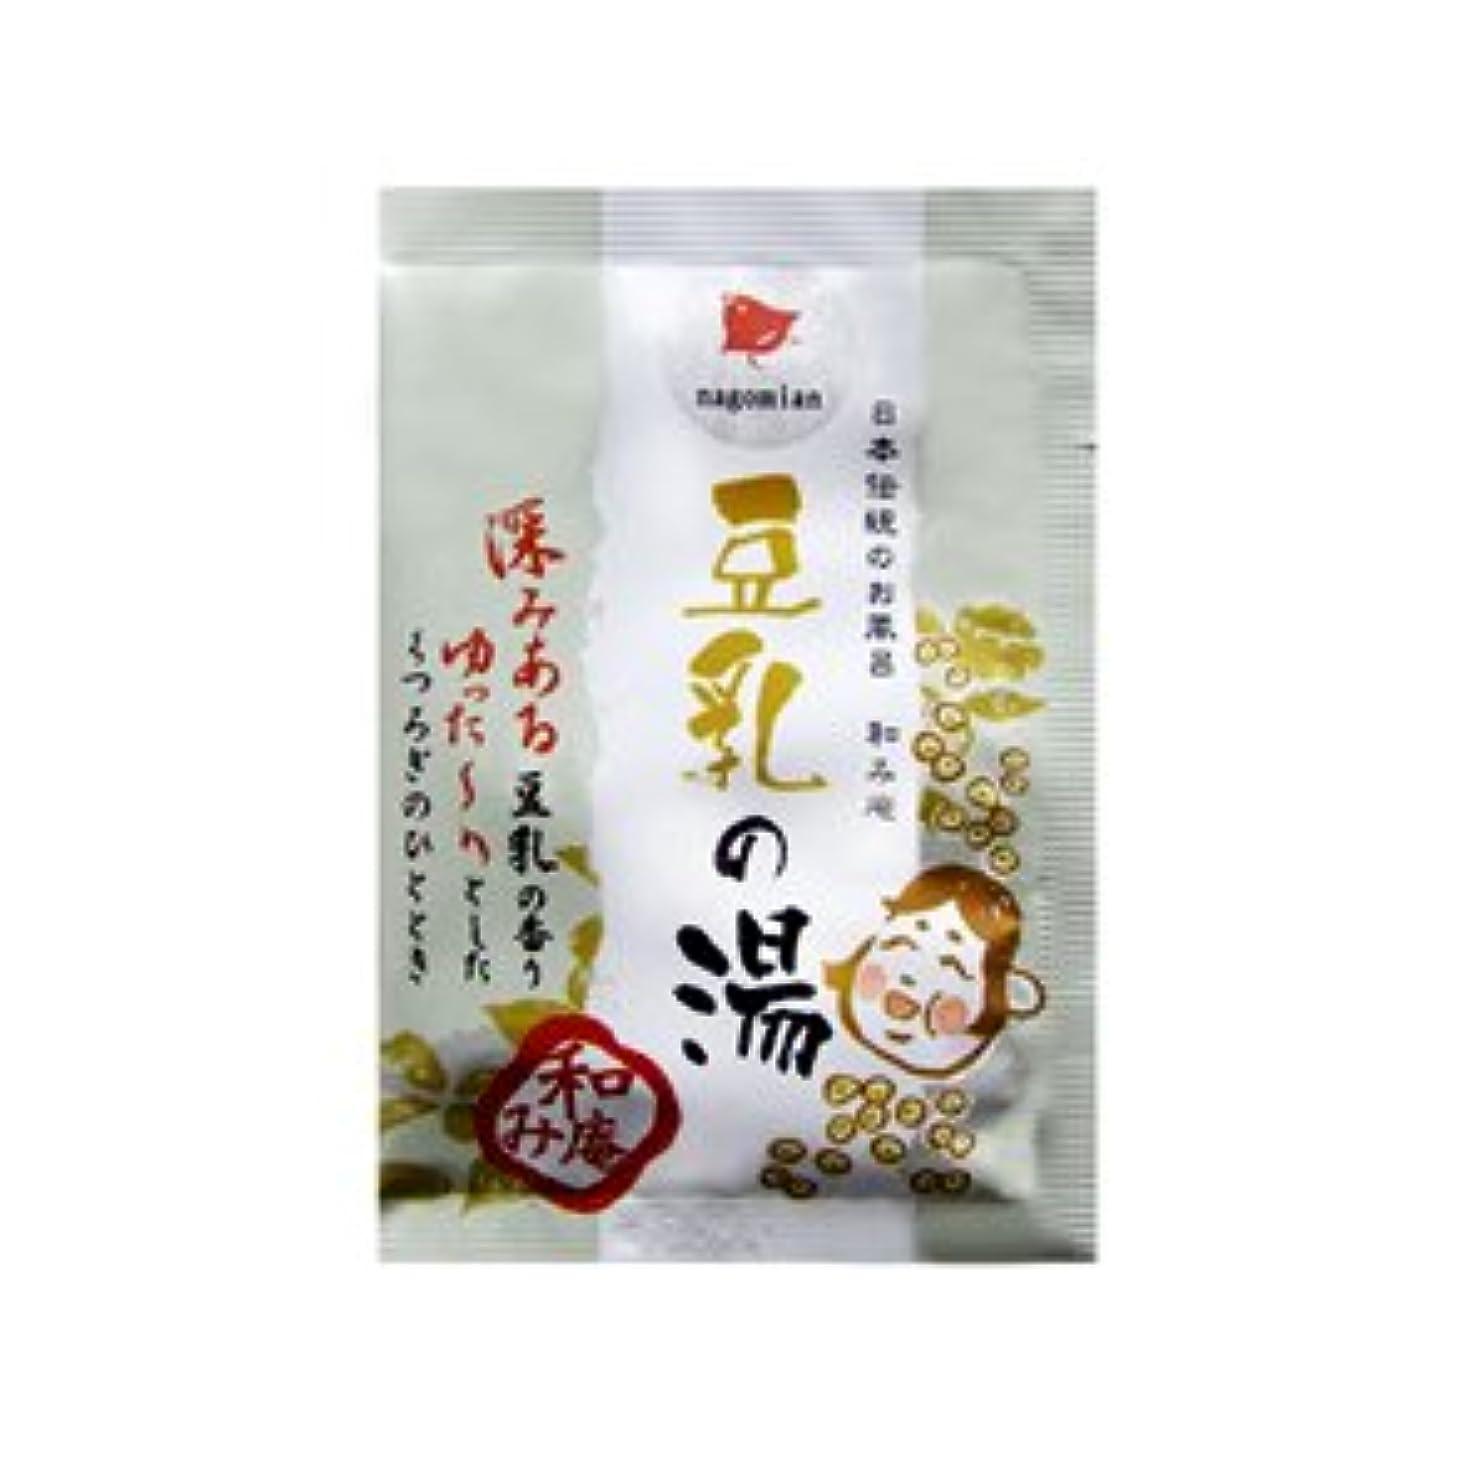 支配的ポゴスティックジャンプ膜日本伝統のお風呂 和み庵 豆乳の湯 25g 10個セット